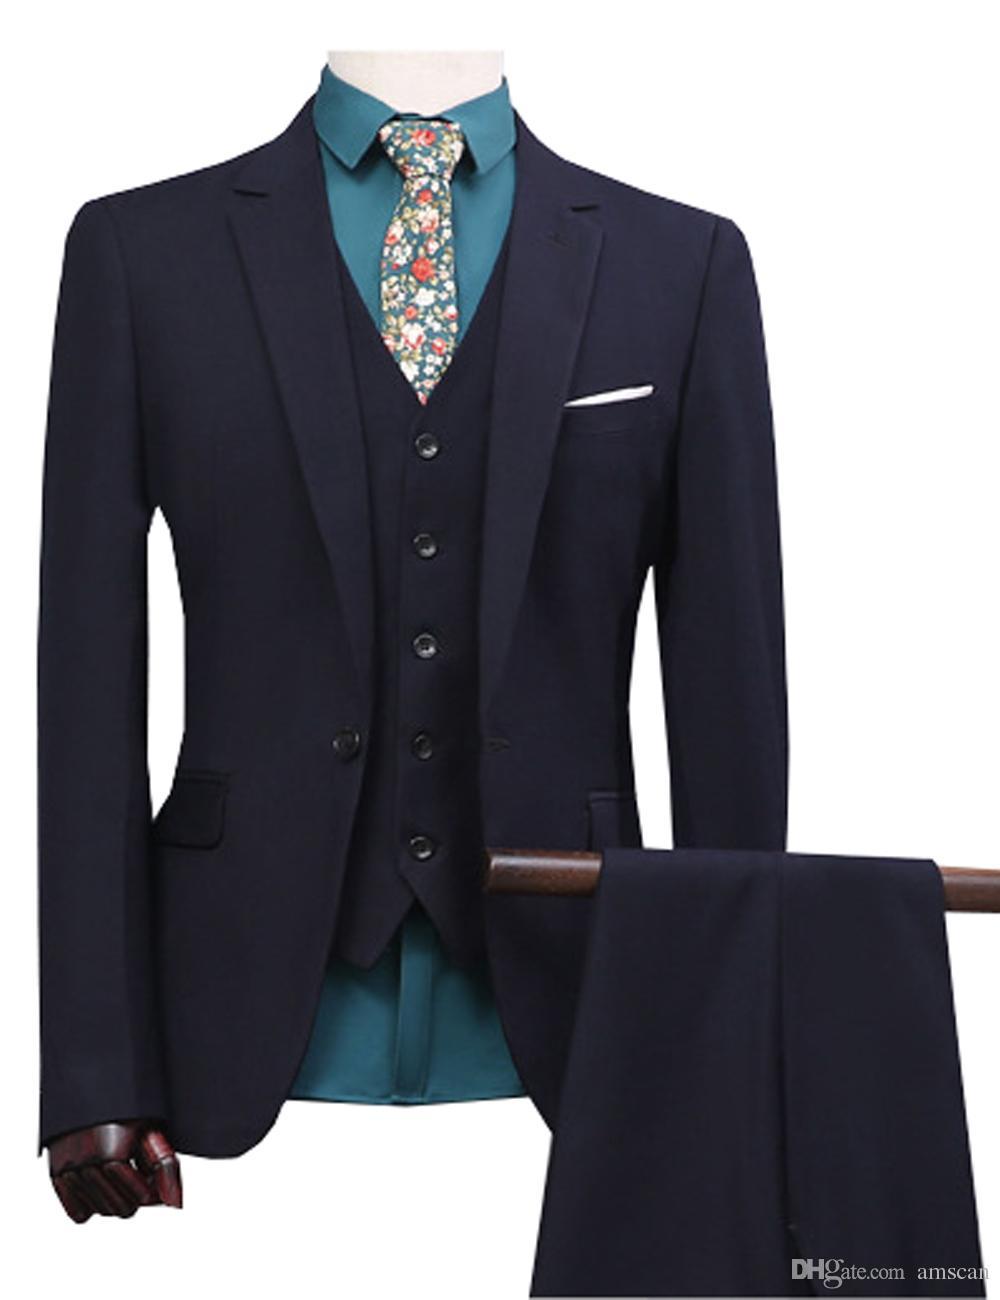 Homens Terno Ocasional Único Breasted Terno Conjunto Do Noivo Do Casamento Elegante Prom Dress Men Desgaste Do Partido 3 Peças (Jacket + Vest + Calças) dsy044